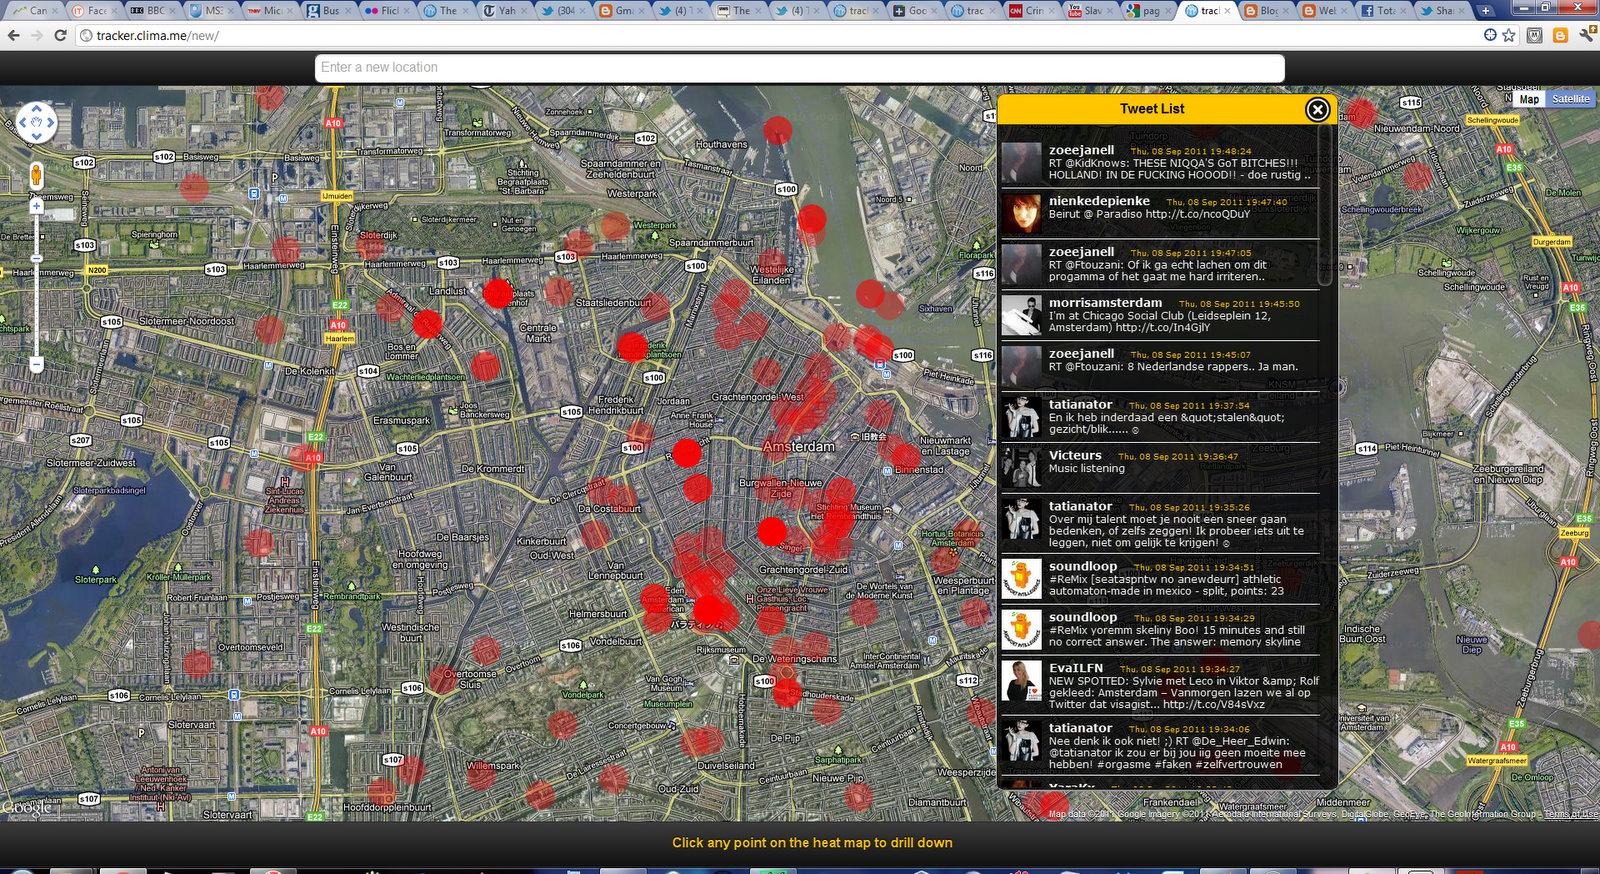 http://3.bp.blogspot.com/-zaXUqr8yn_E/TmkdRWs-1-I/AAAAAAAAps0/Fqf9IkGYEYM/s1600/tracker.clima.menew%2B-%2BGoogle%2BChrome%2B08092011%2B204911.jpg